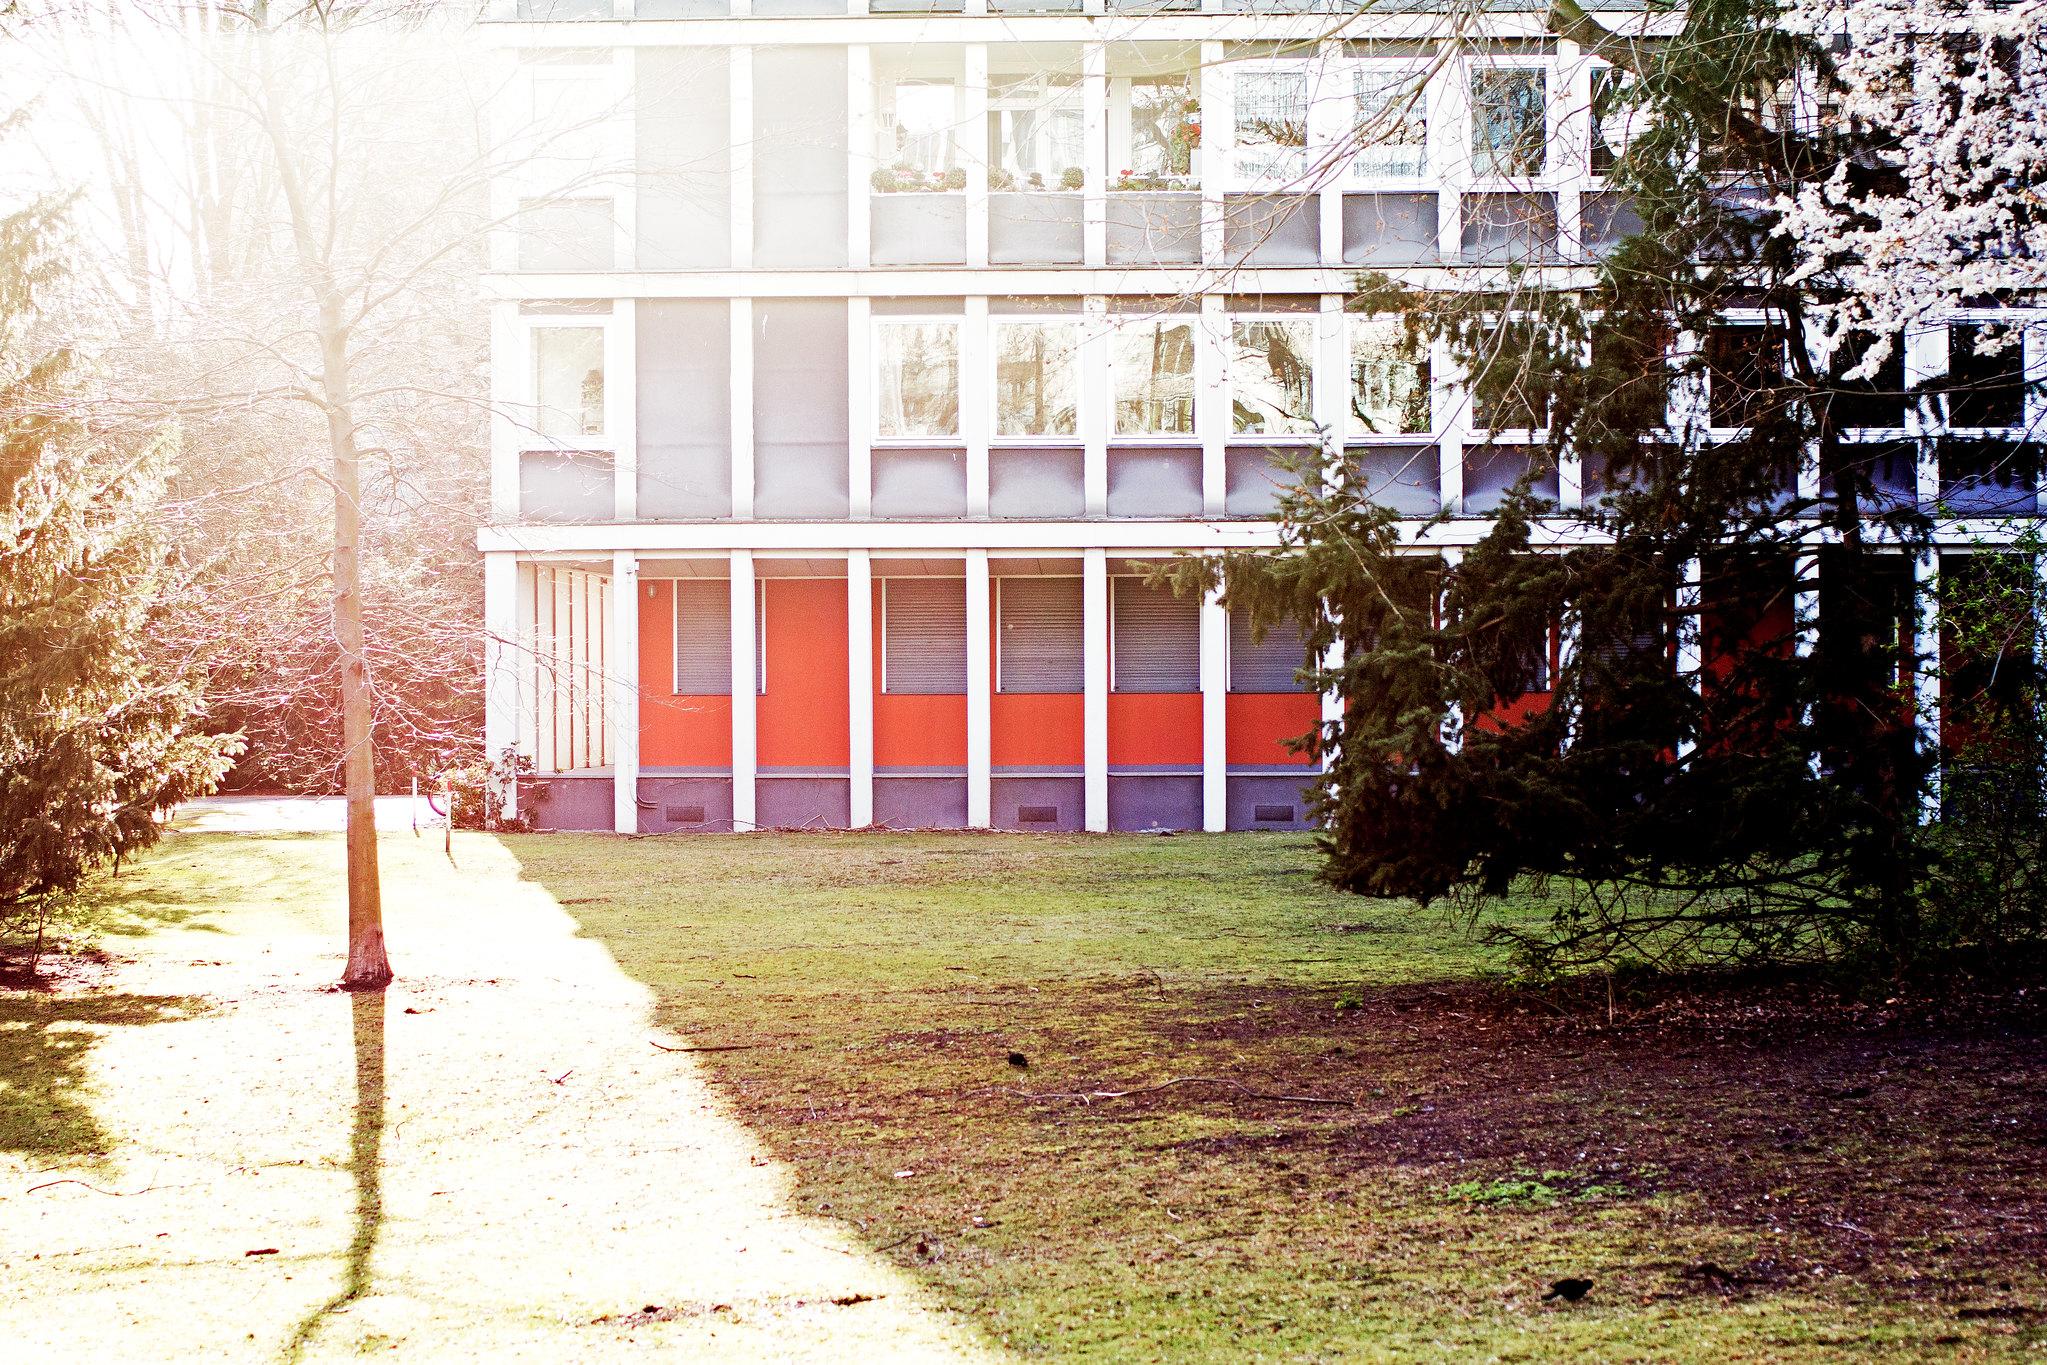 bartningallee 9 //  hansaviertel berlin